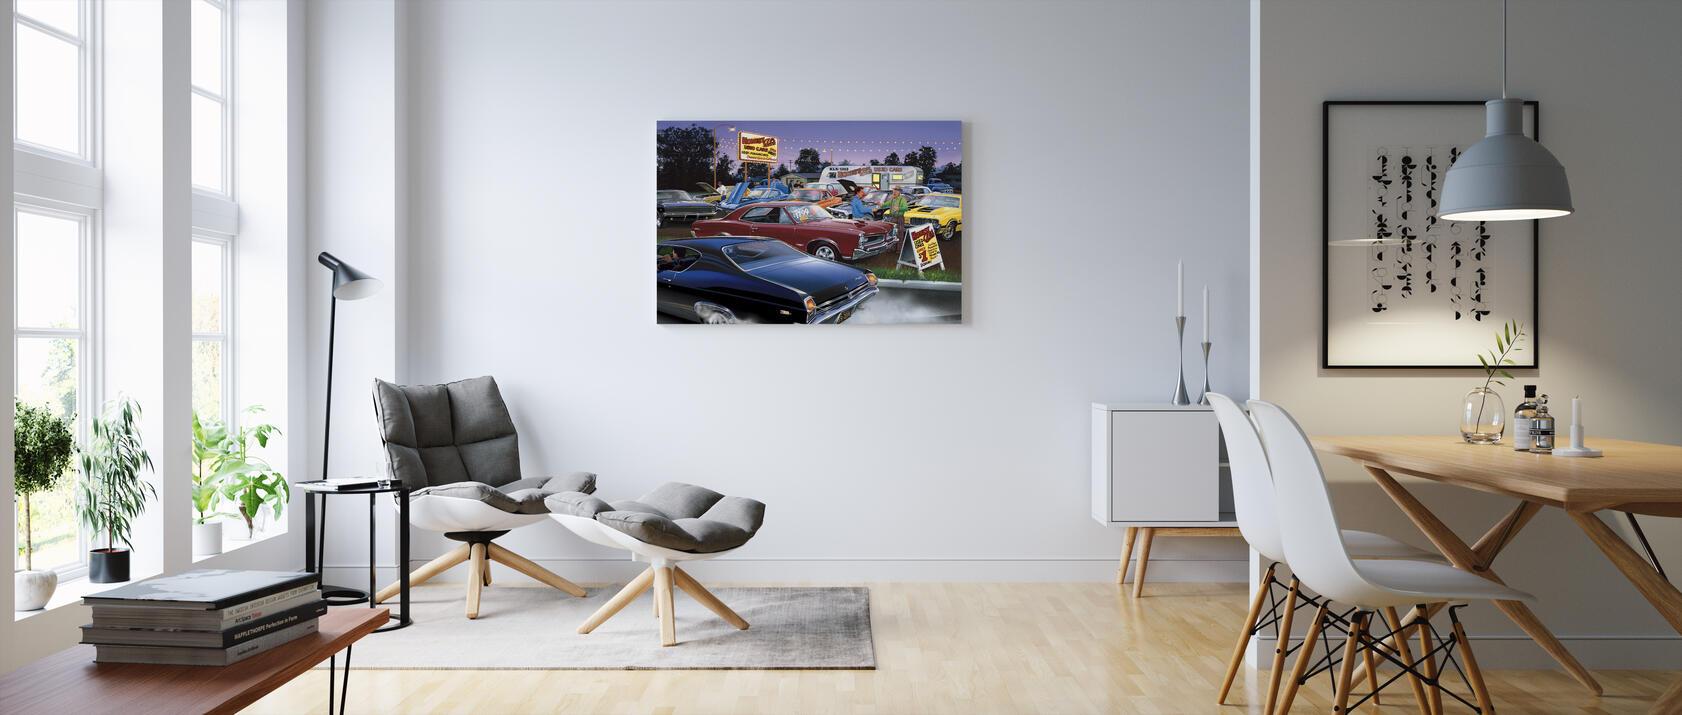 Honest Al 39 S Used Car Canvakselle Painettu Designtaulu Photowall